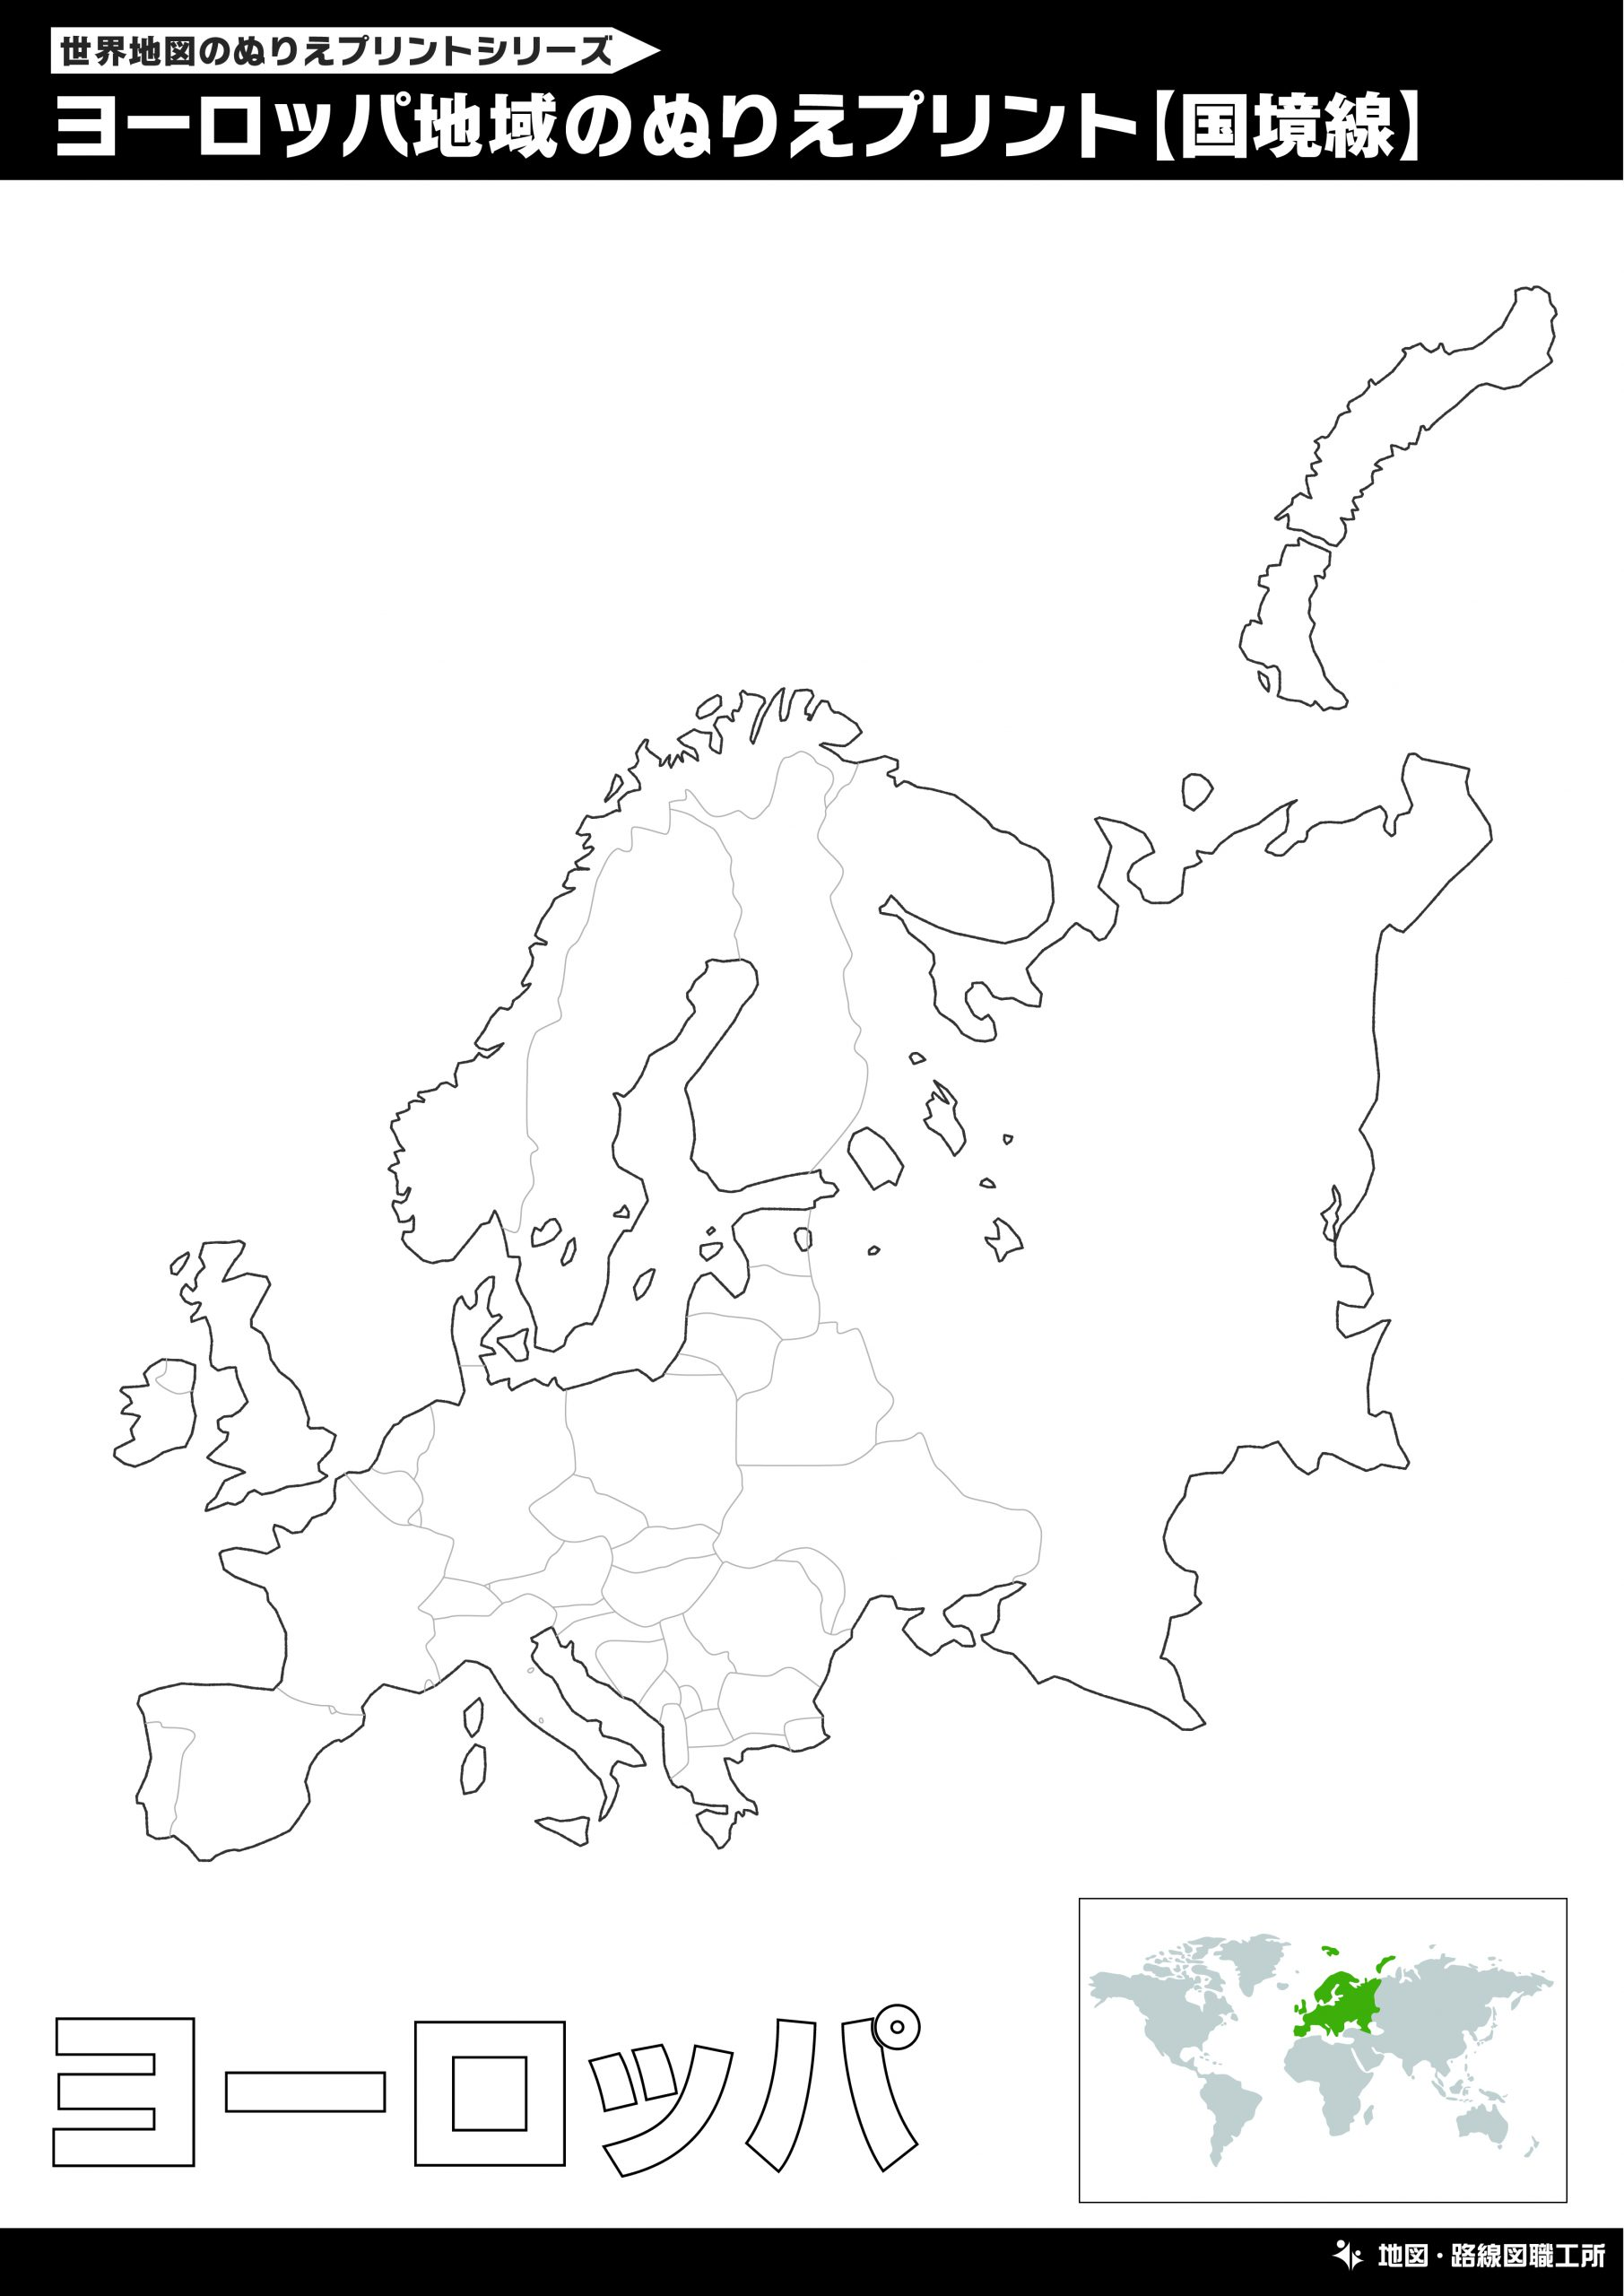 ヨーロッパ地図のぬりえ 国境線あり